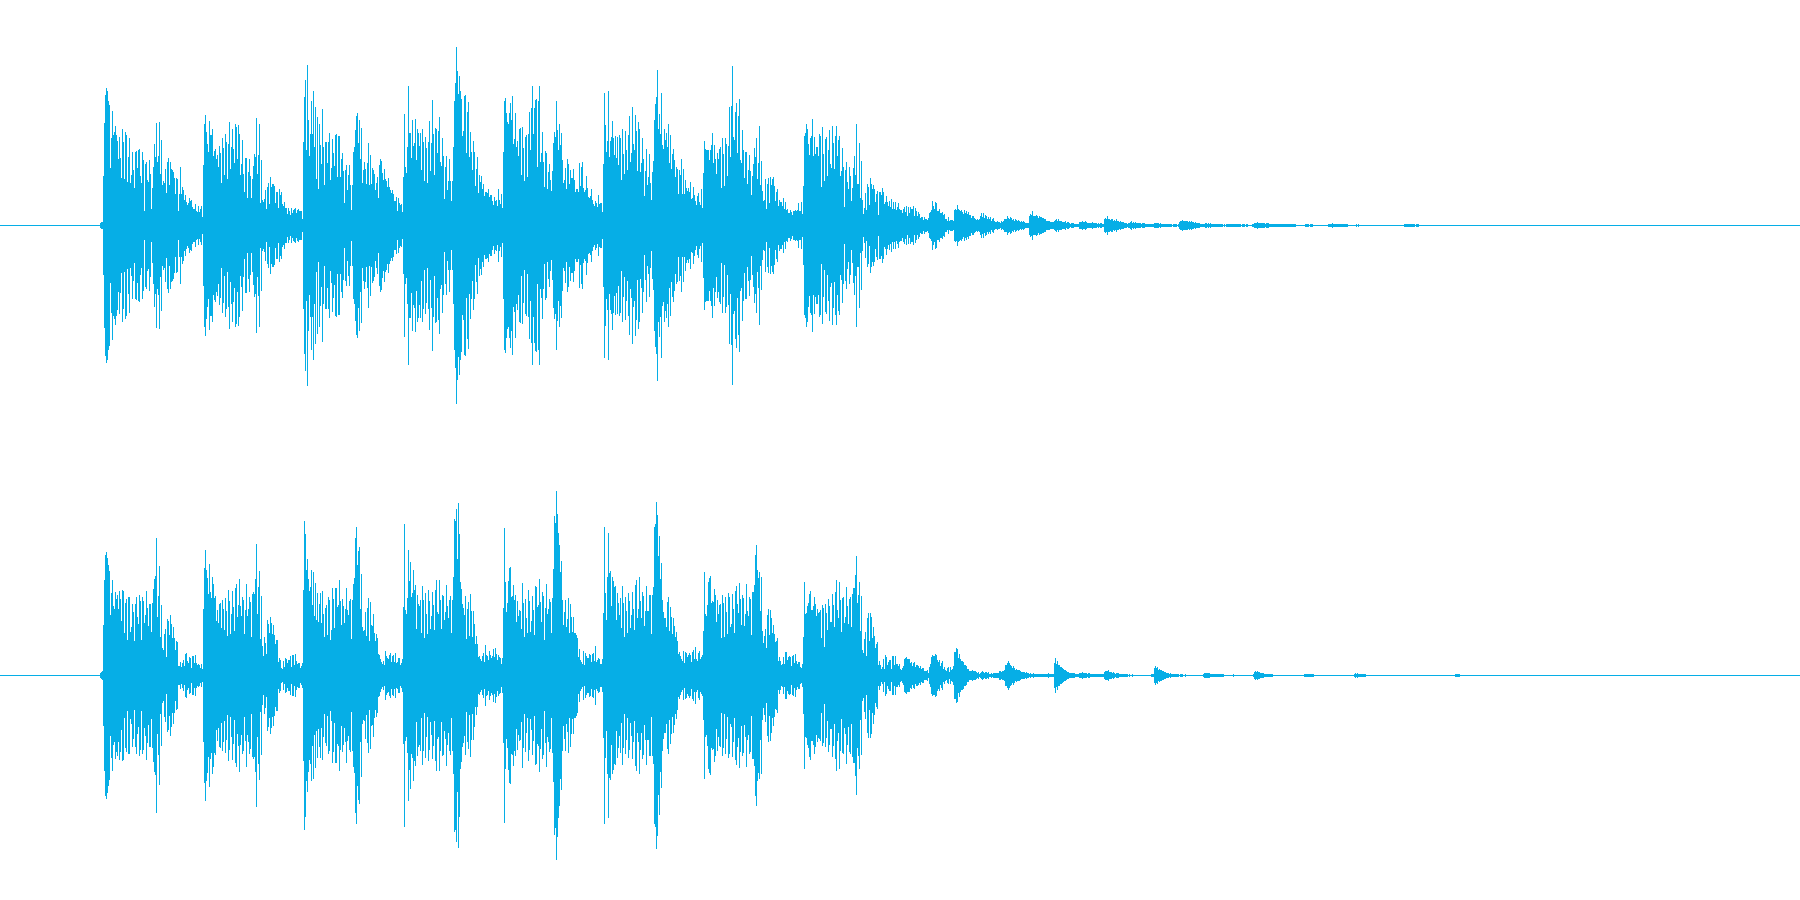 クールで暗めなテクノポップスのジングル曲の再生済みの波形